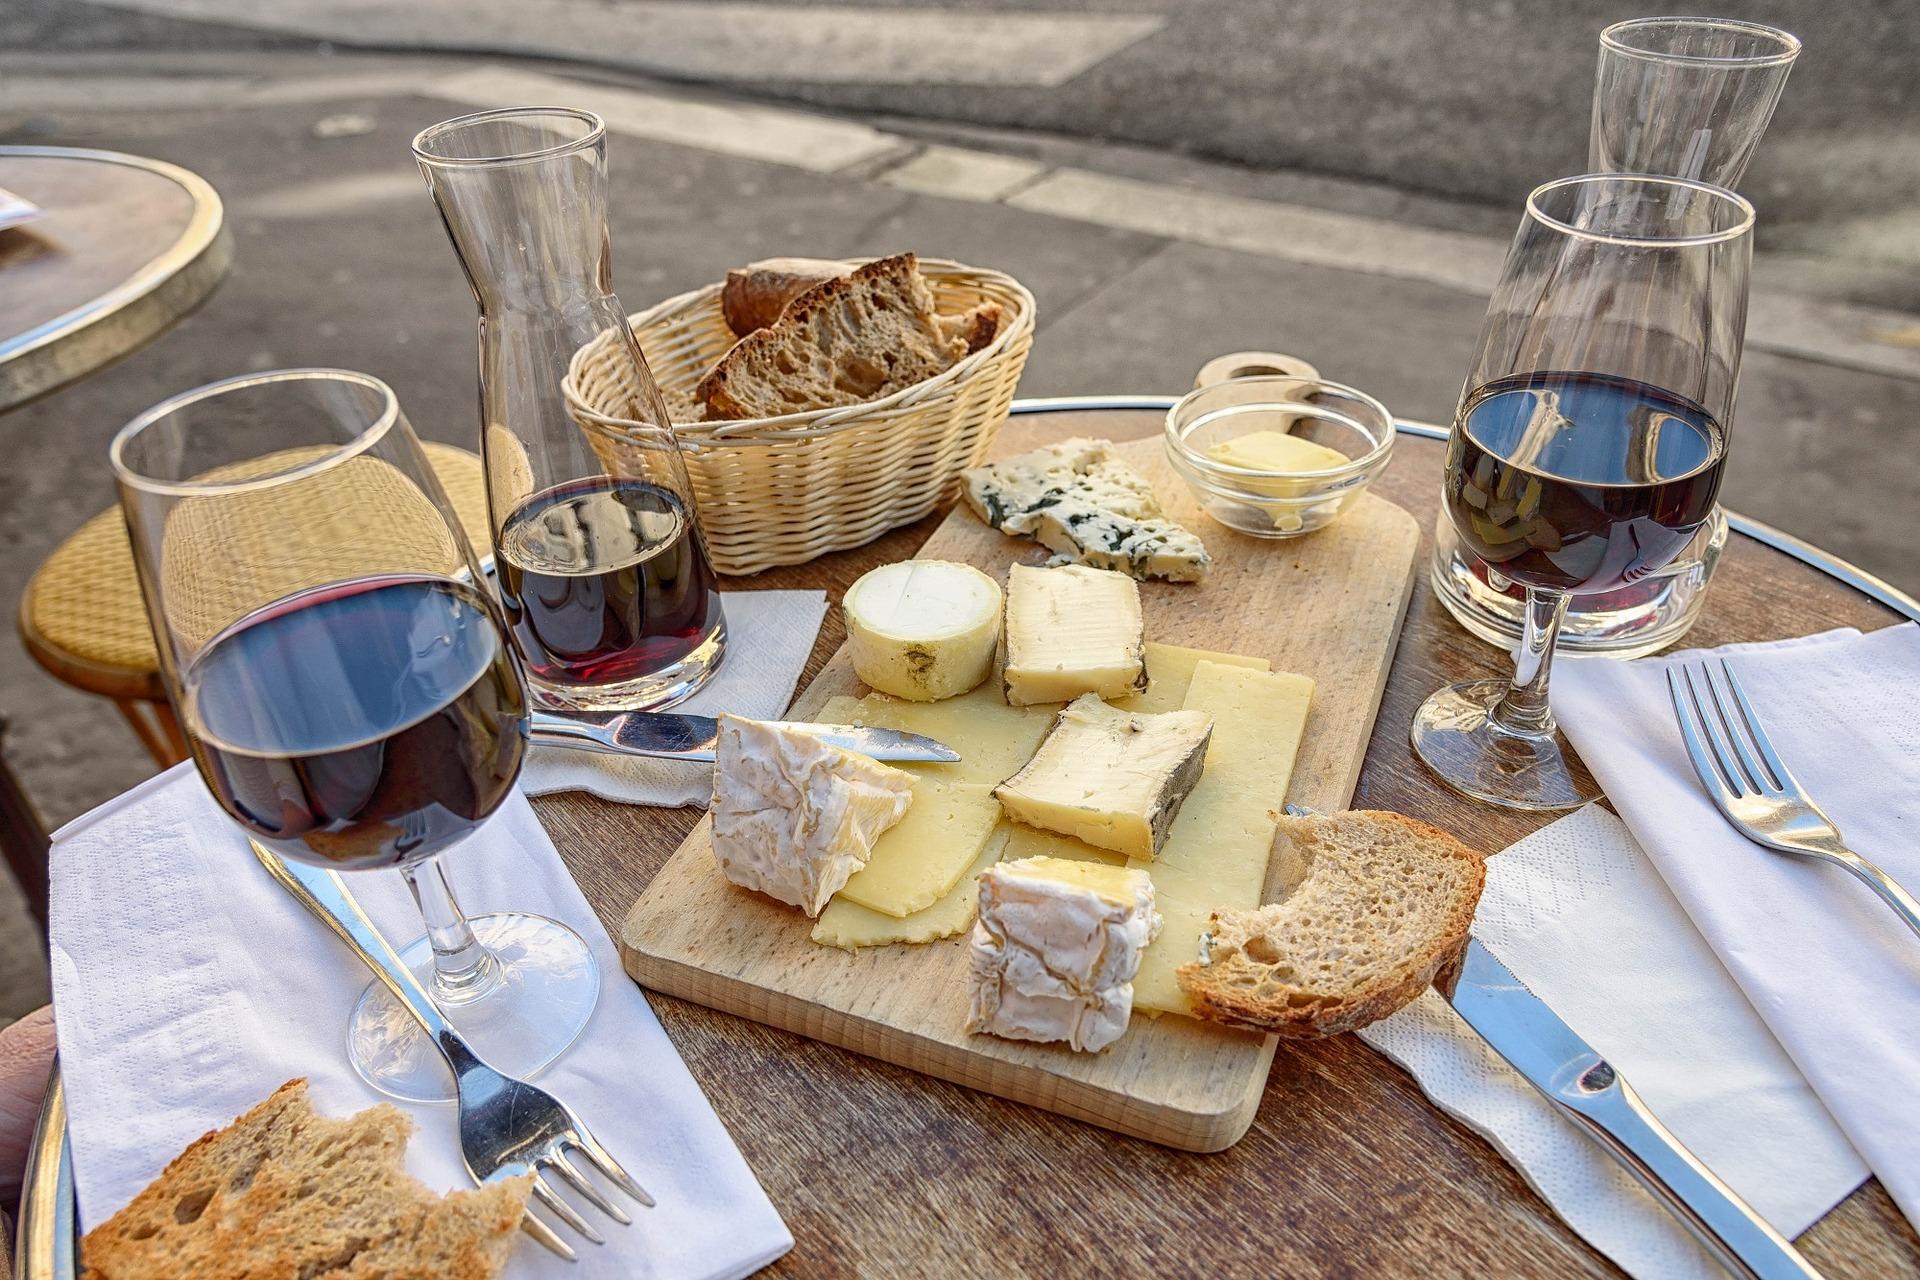 Visite à Paris : où déjeuner lors d'un séjour dans la capitale?